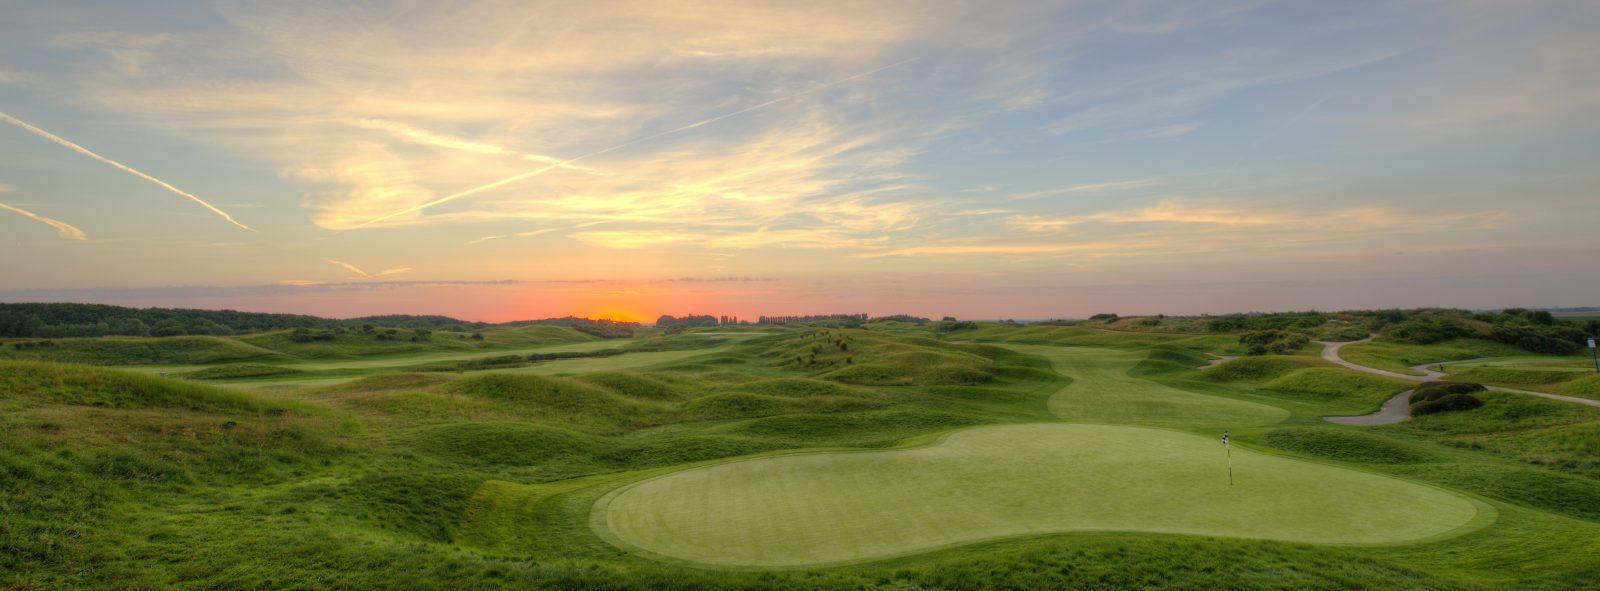 LeGolfNational_golf-France golf